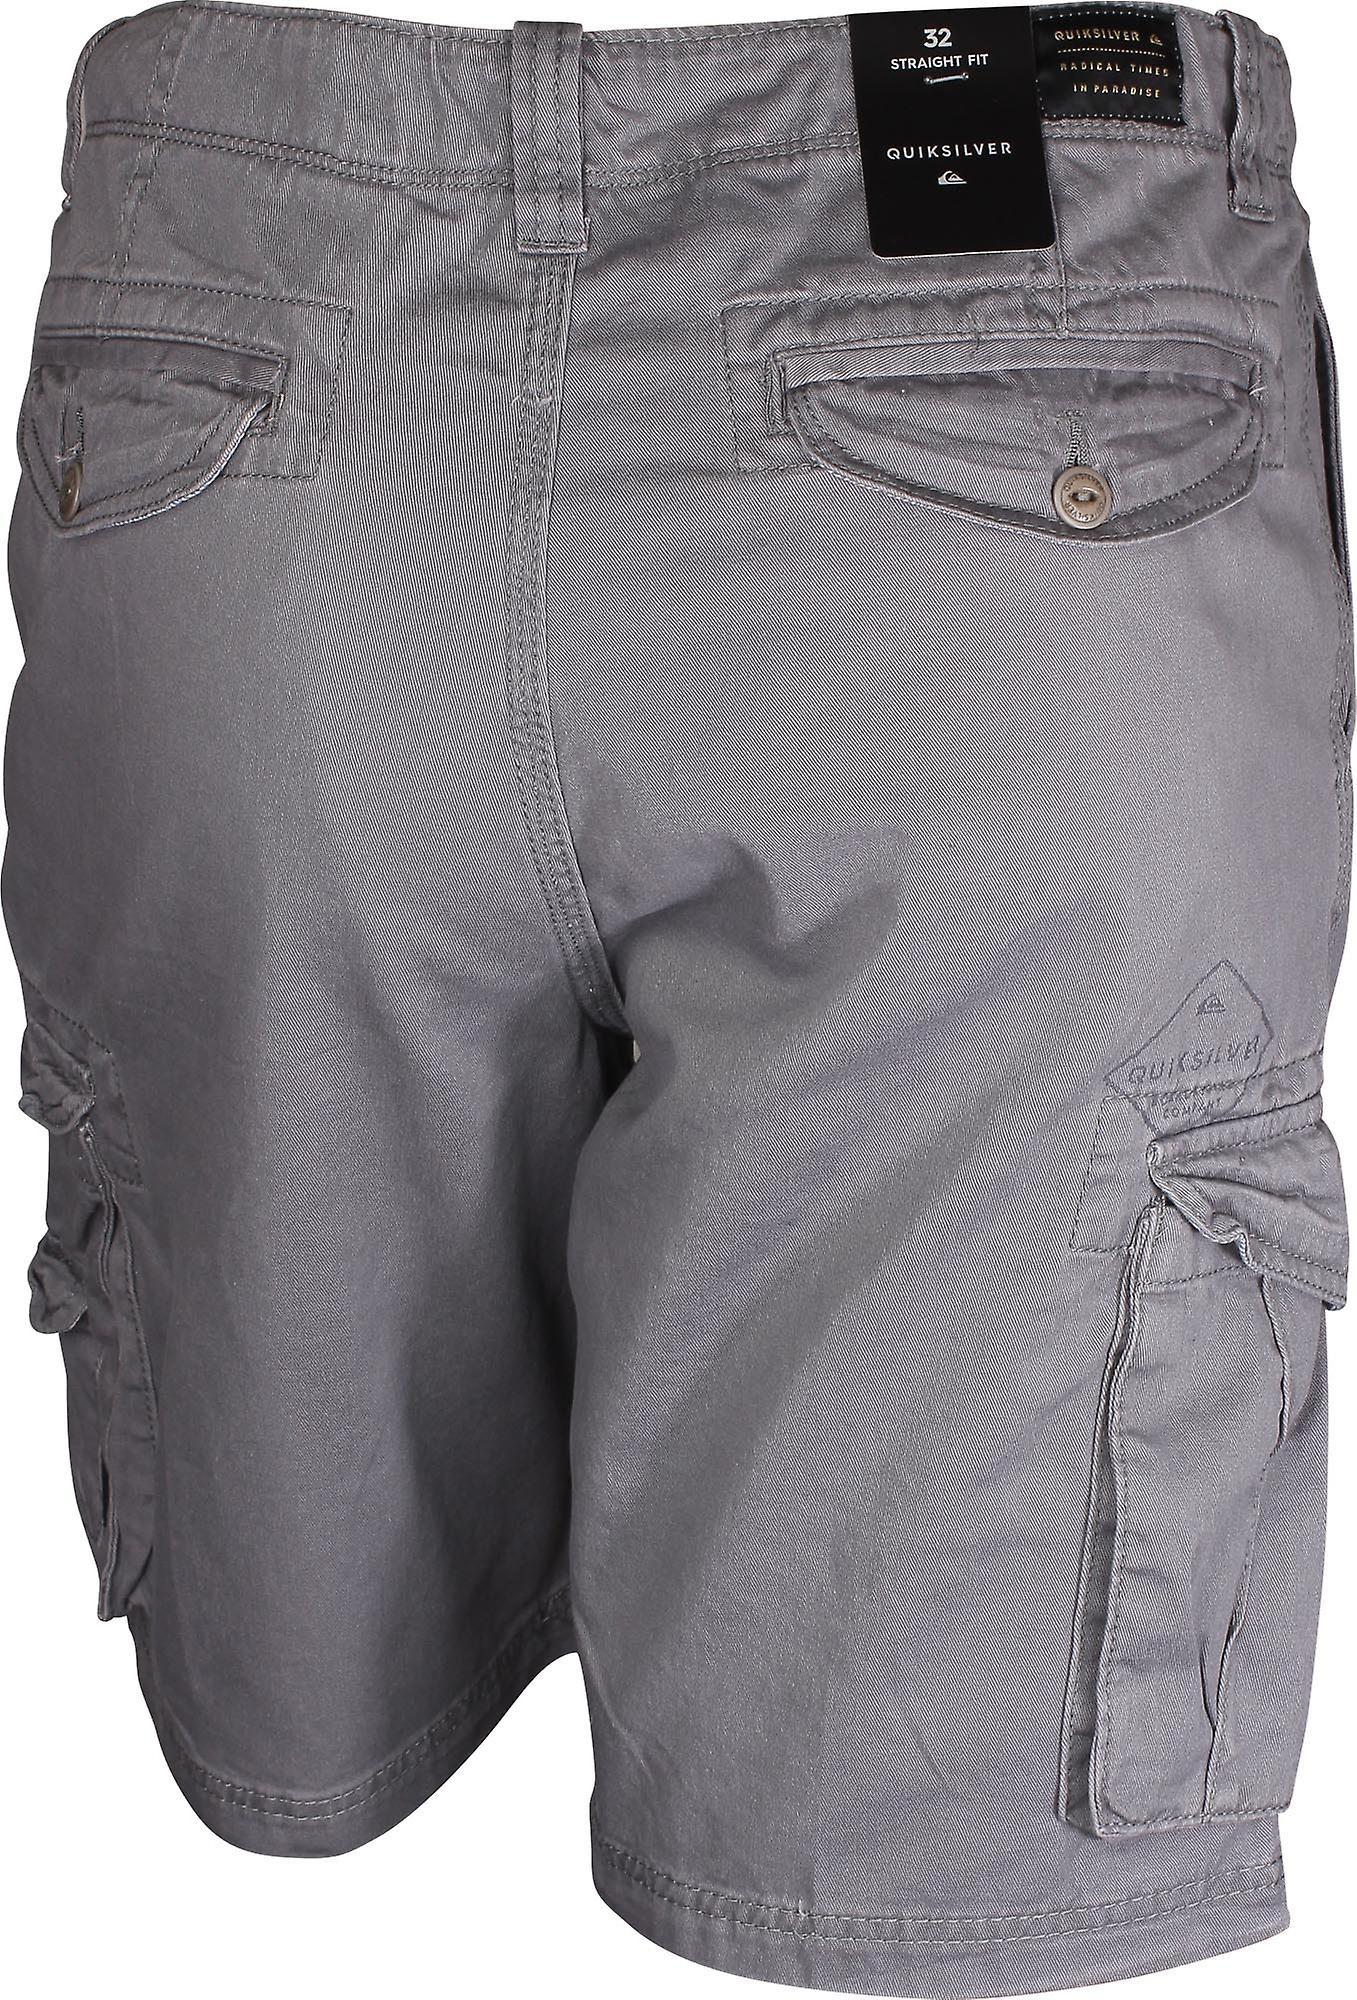 Quiksilver Mens avgjørende kamp Cargo Shorts - stille skyggen grå